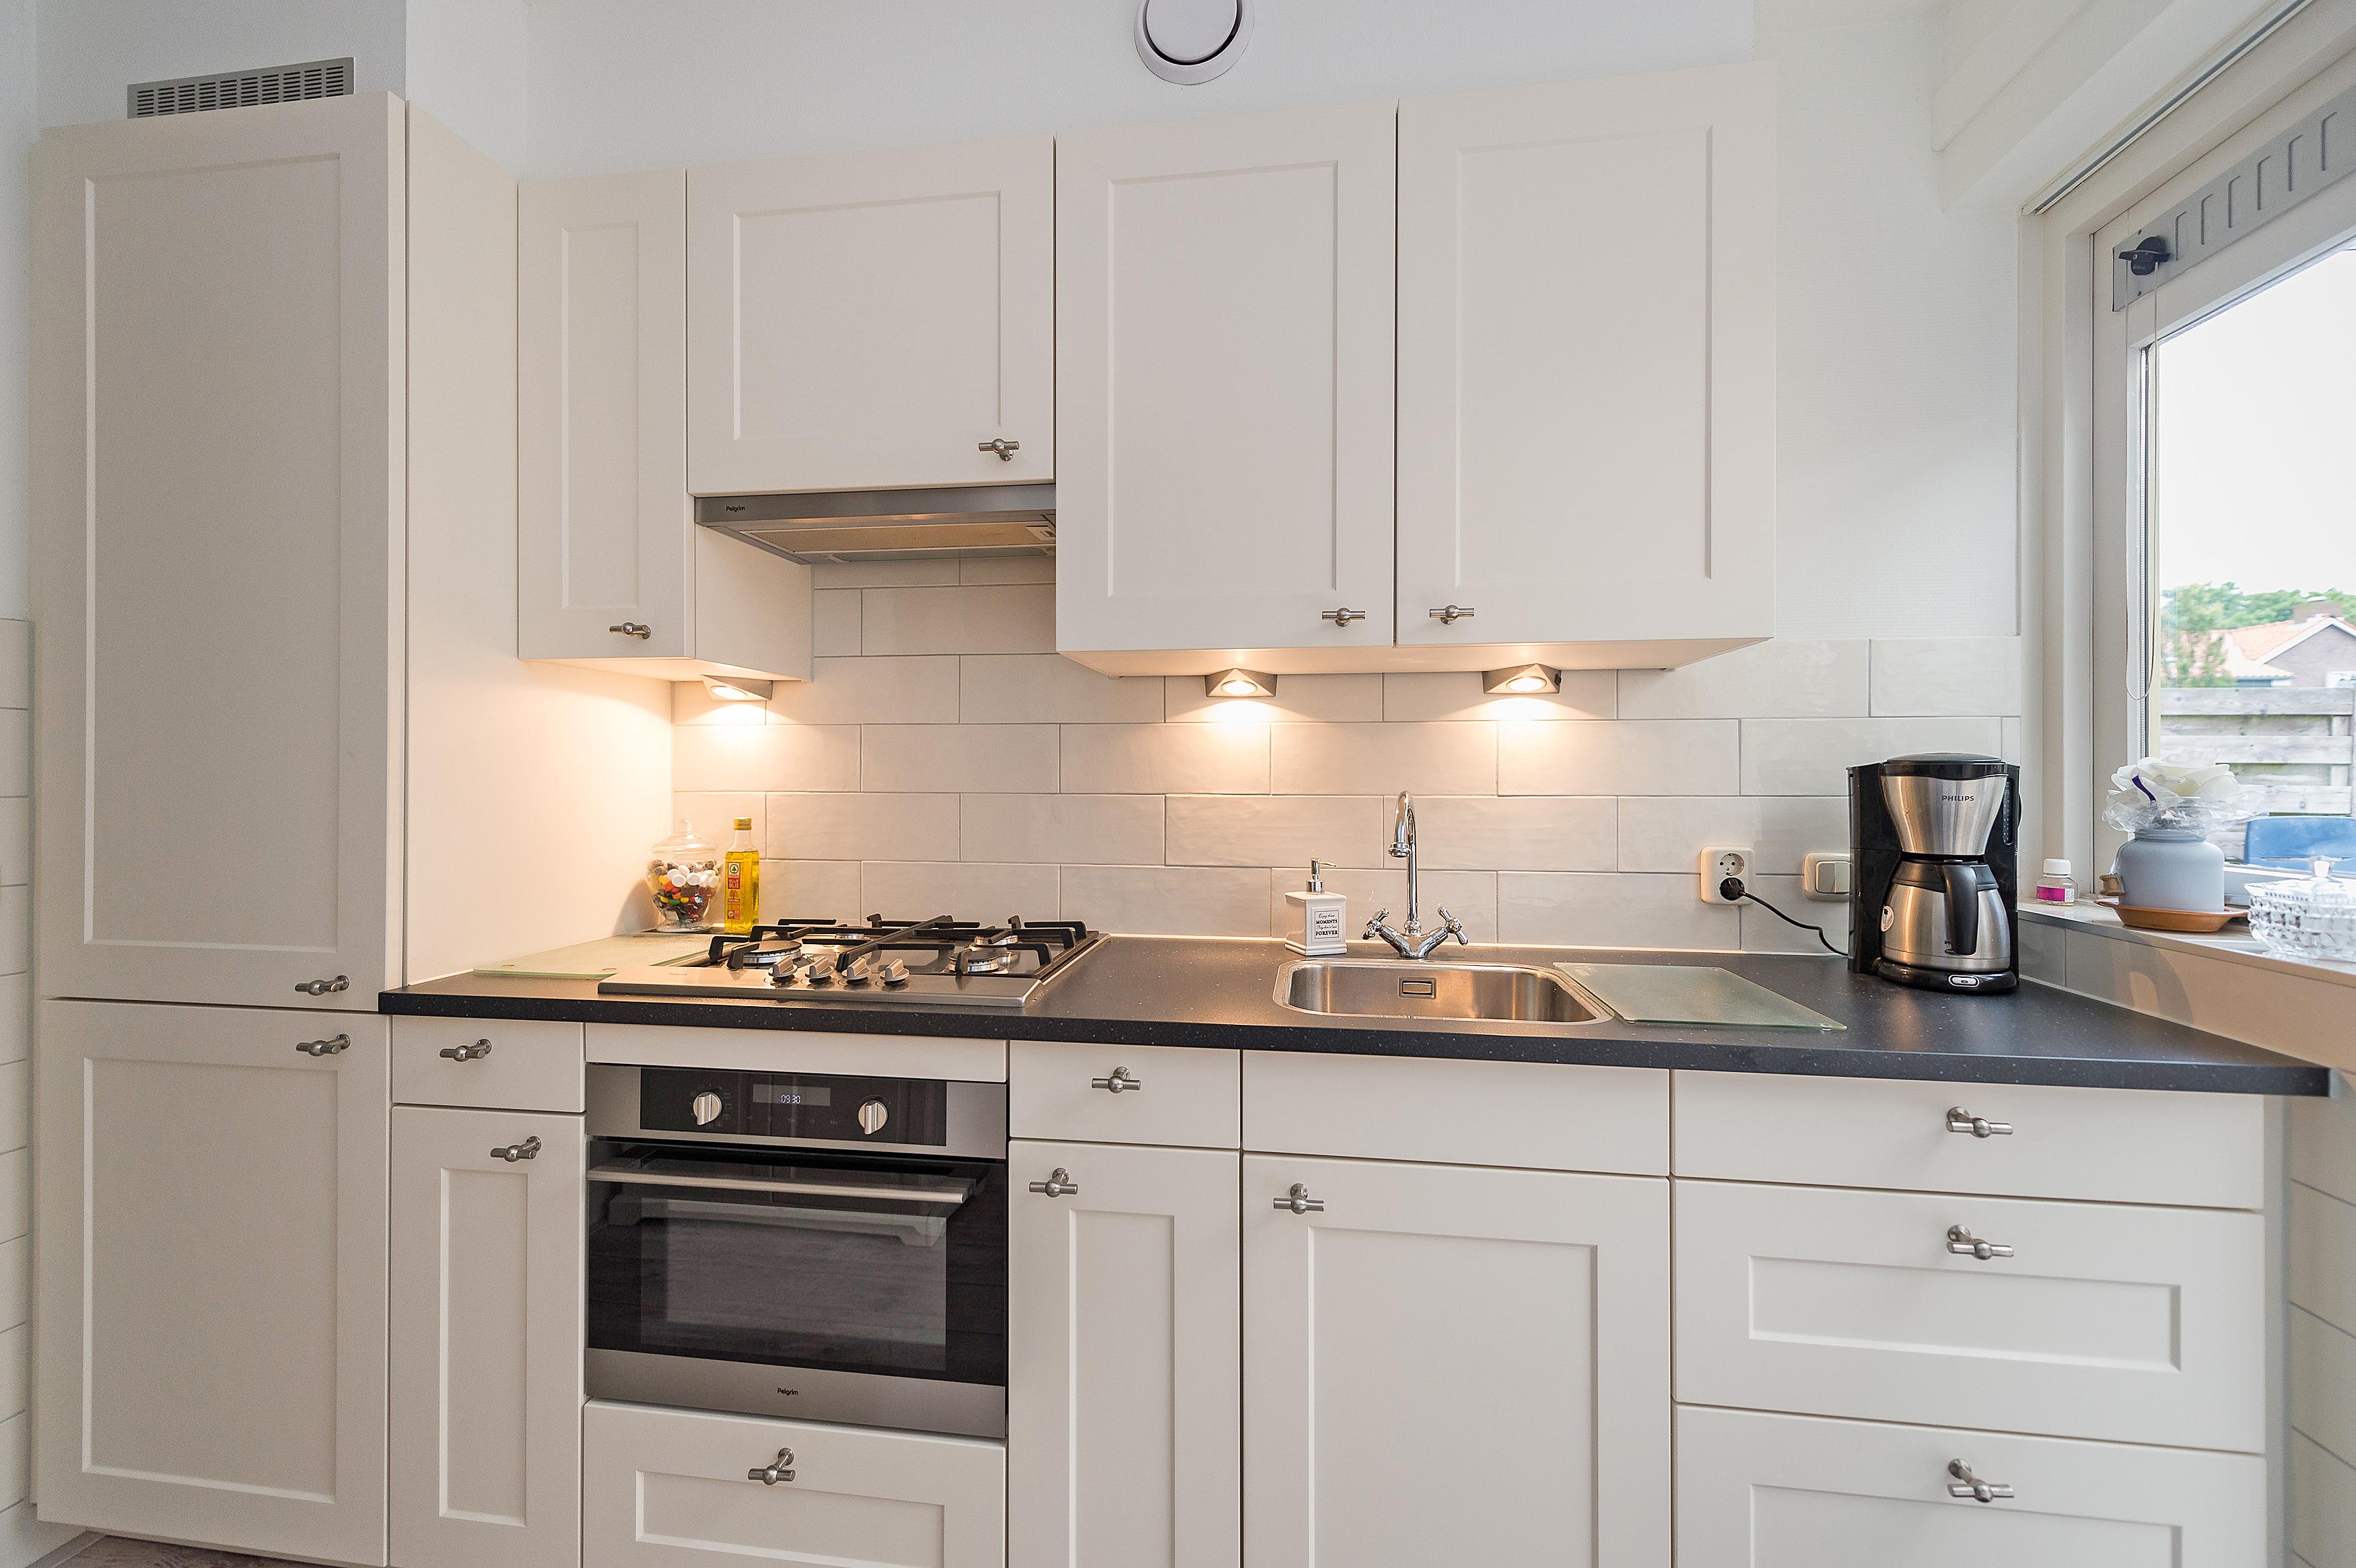 Eenvoudige Schouw Keuken : Klassieke keukens de warmte en rust van vroeger adee